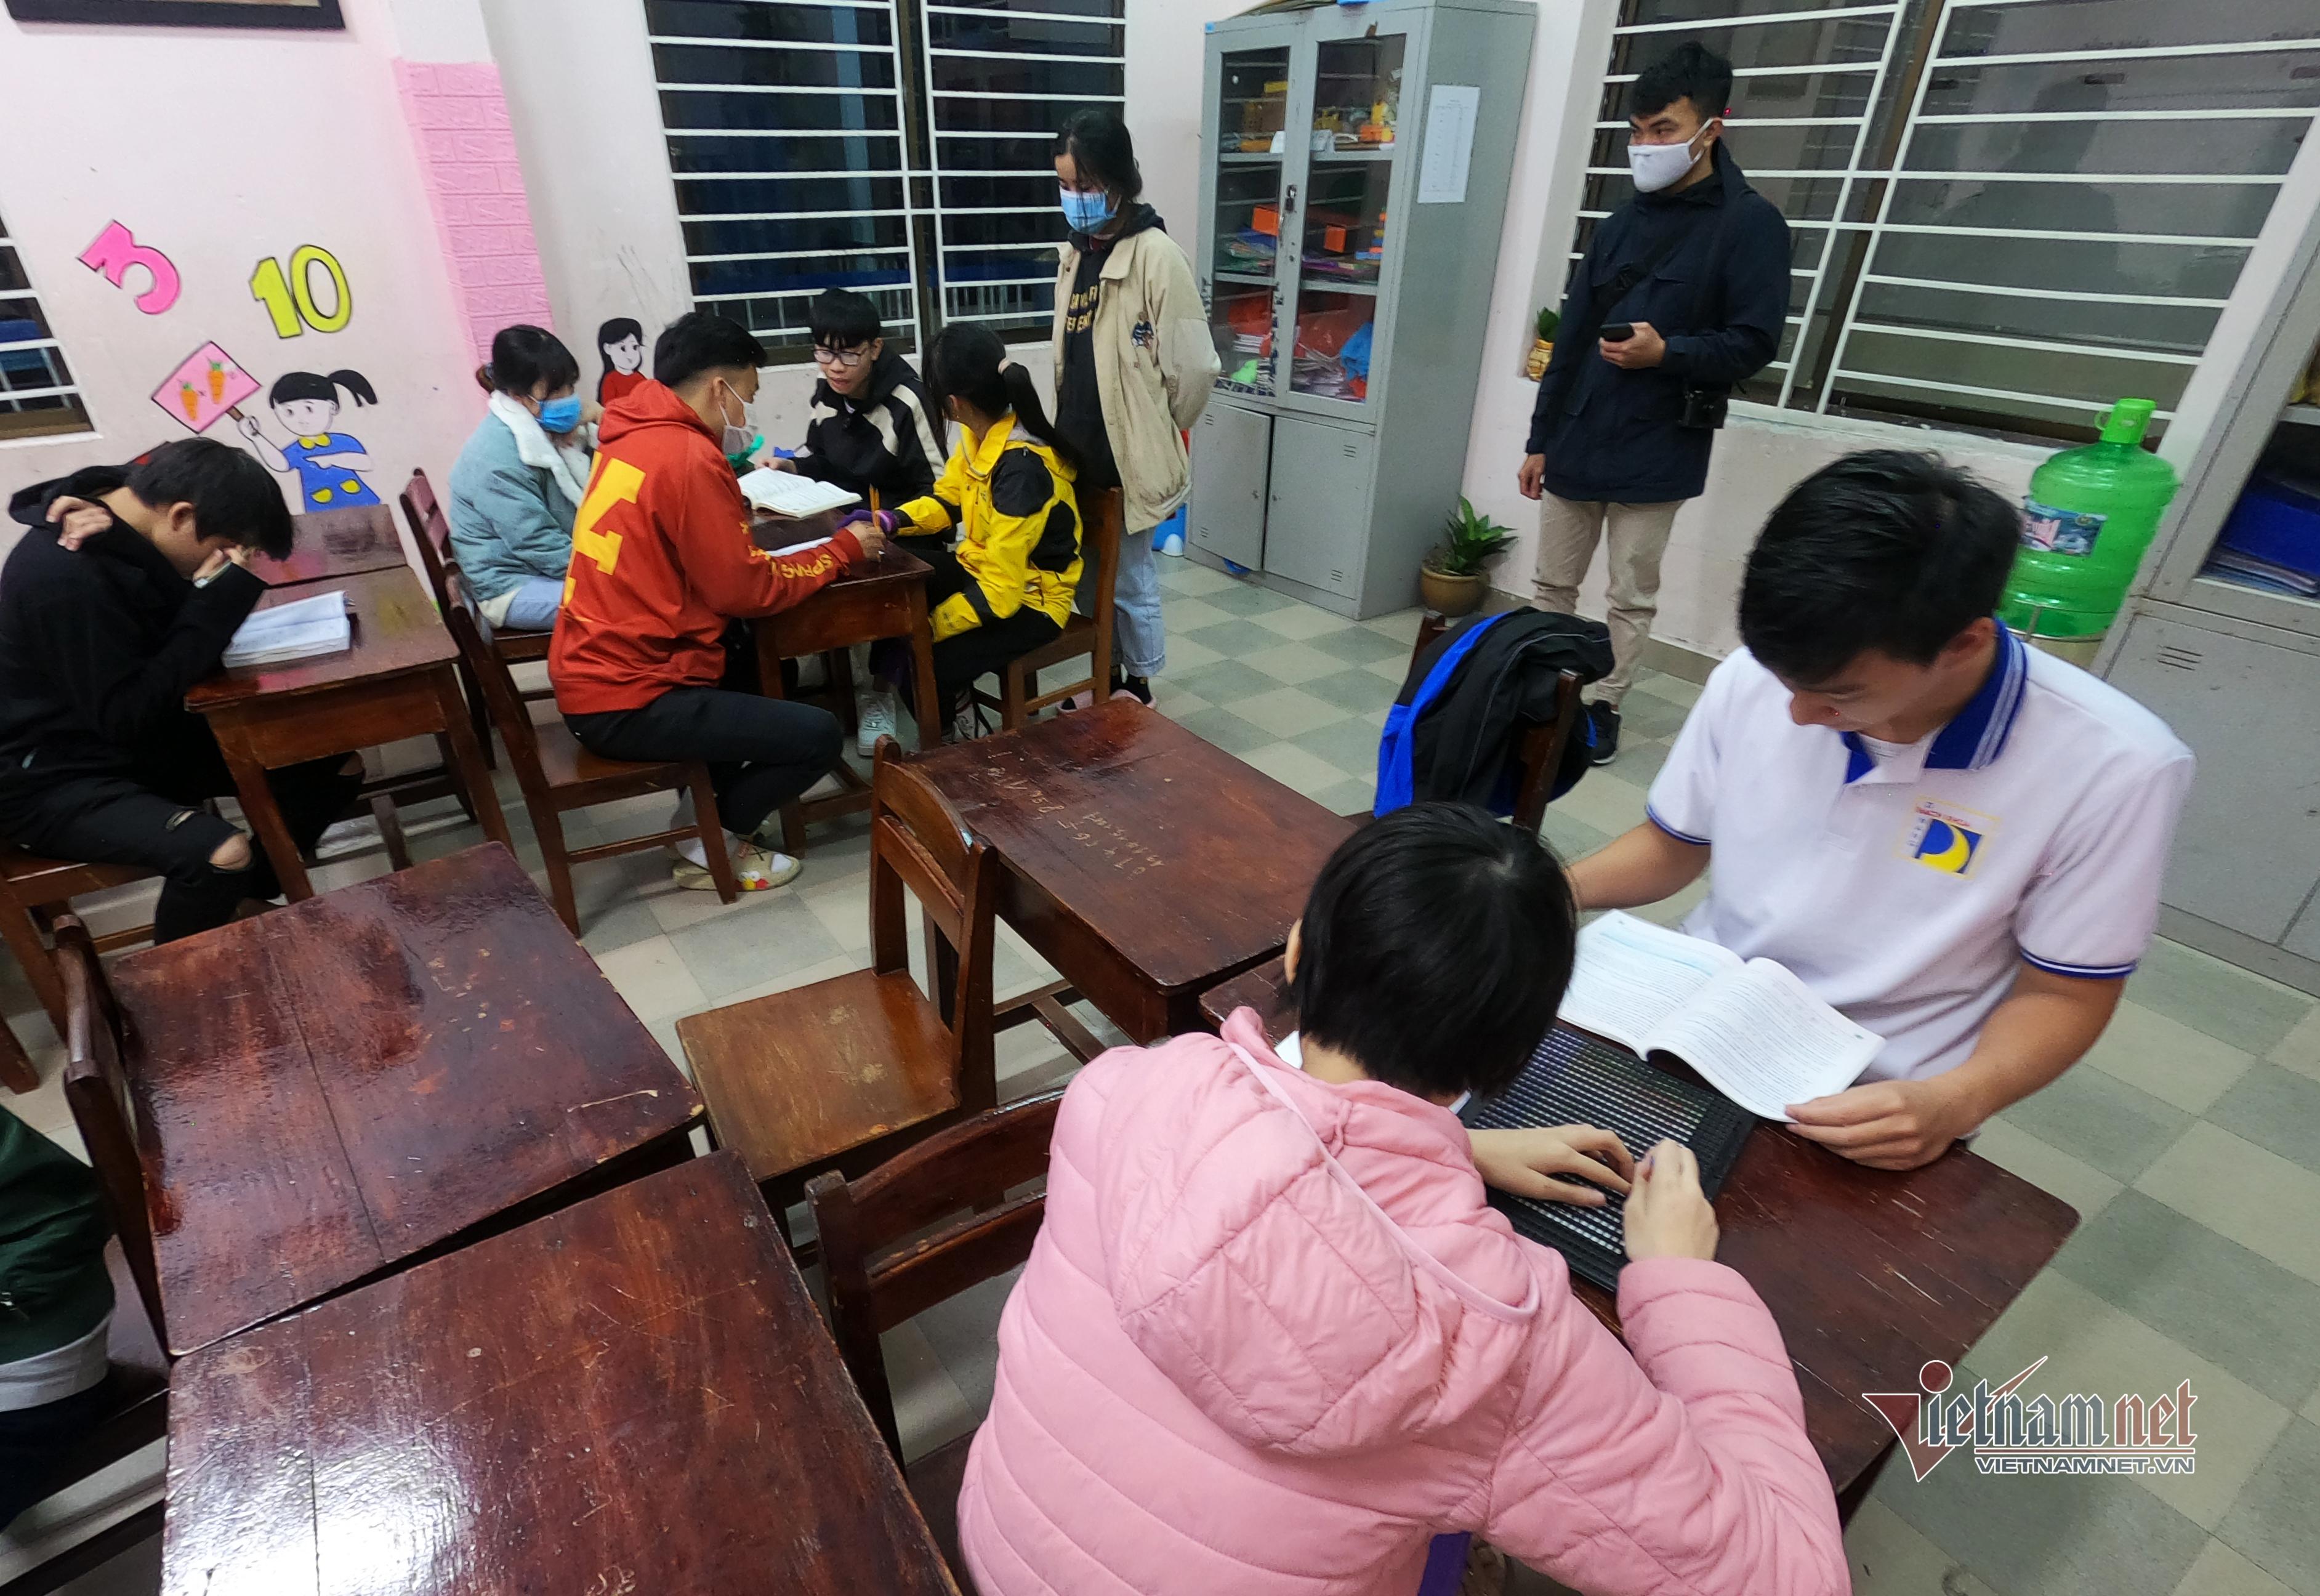 Lớp học đặc biệt của những người thầy sinh viên ở Đà Nẵng